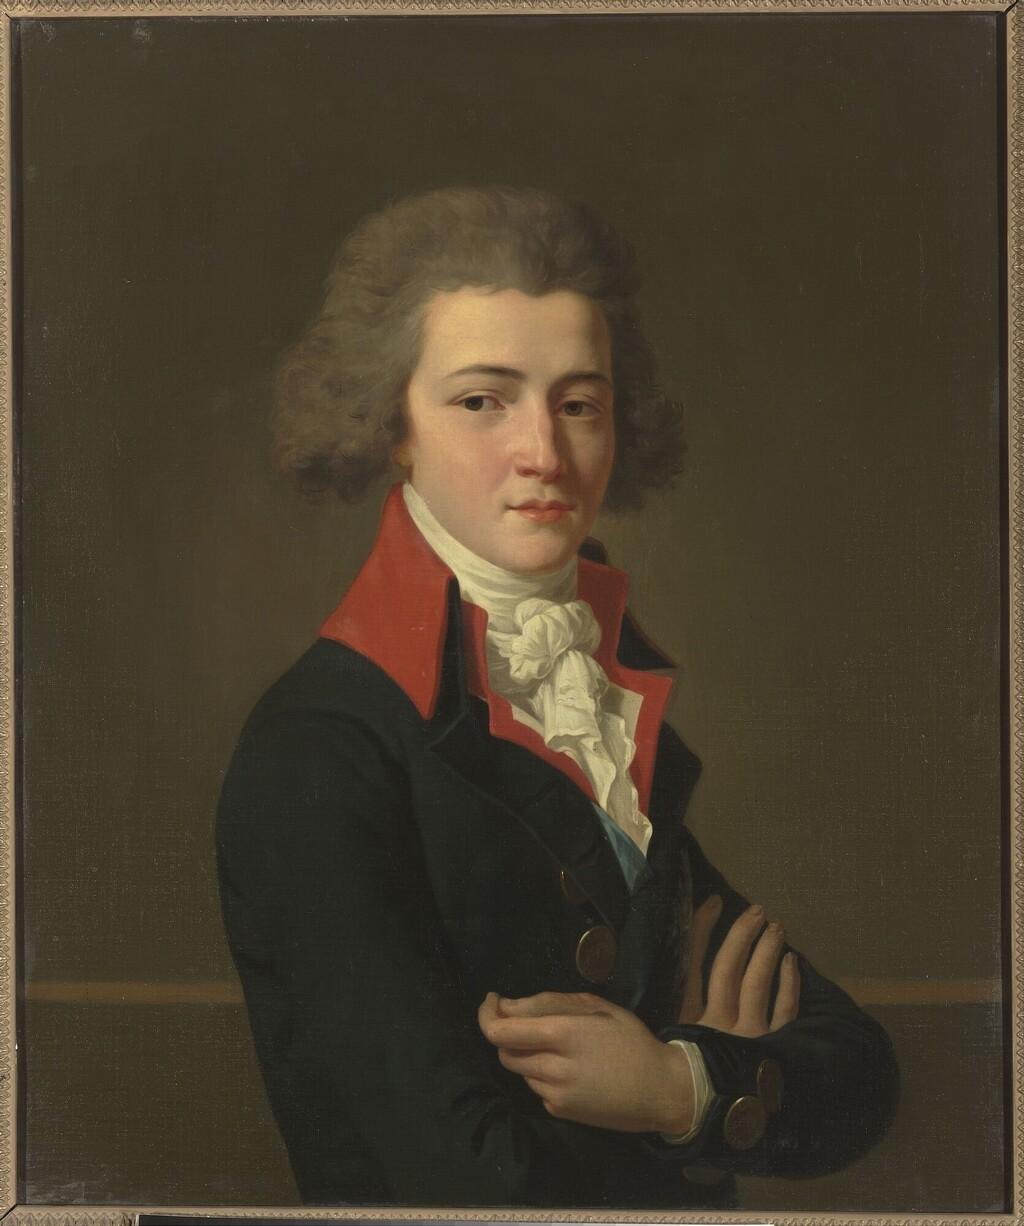 La leçon de harpe. Du peintre Jean-Antoine-Théodore Giroust Image249